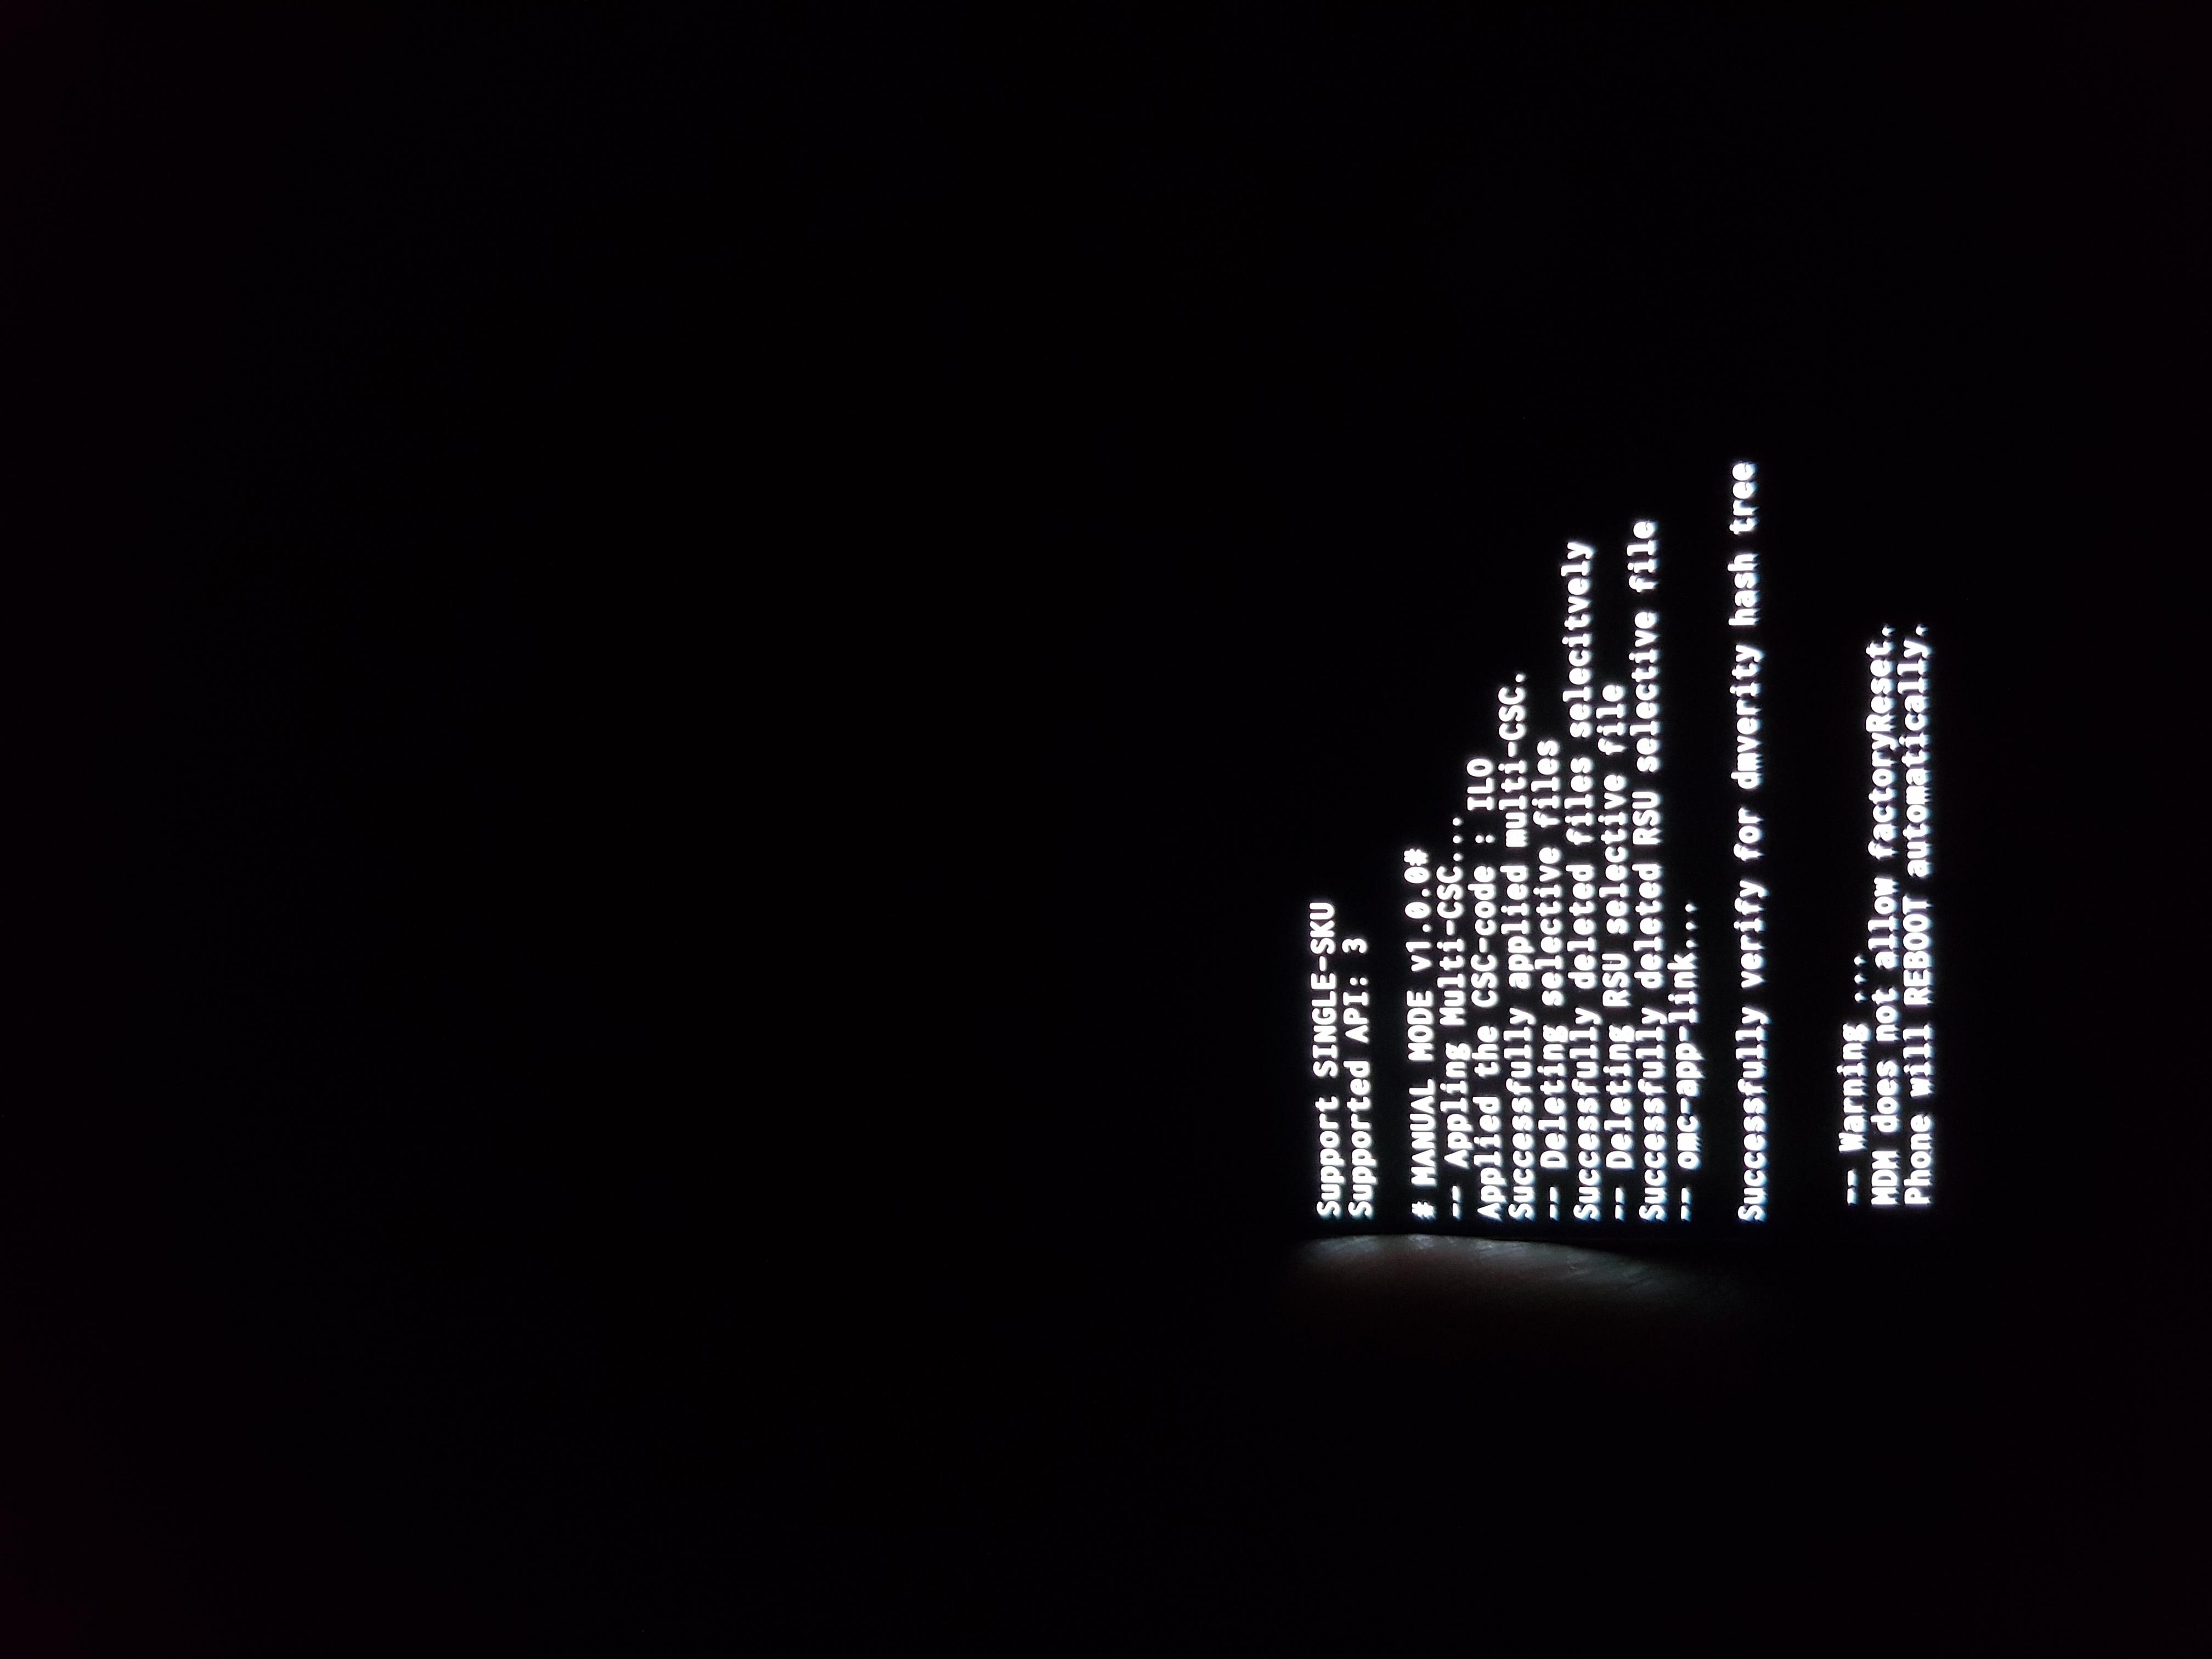 Mot de passe s8 oublié avec probleme de MDM - Samsung Community